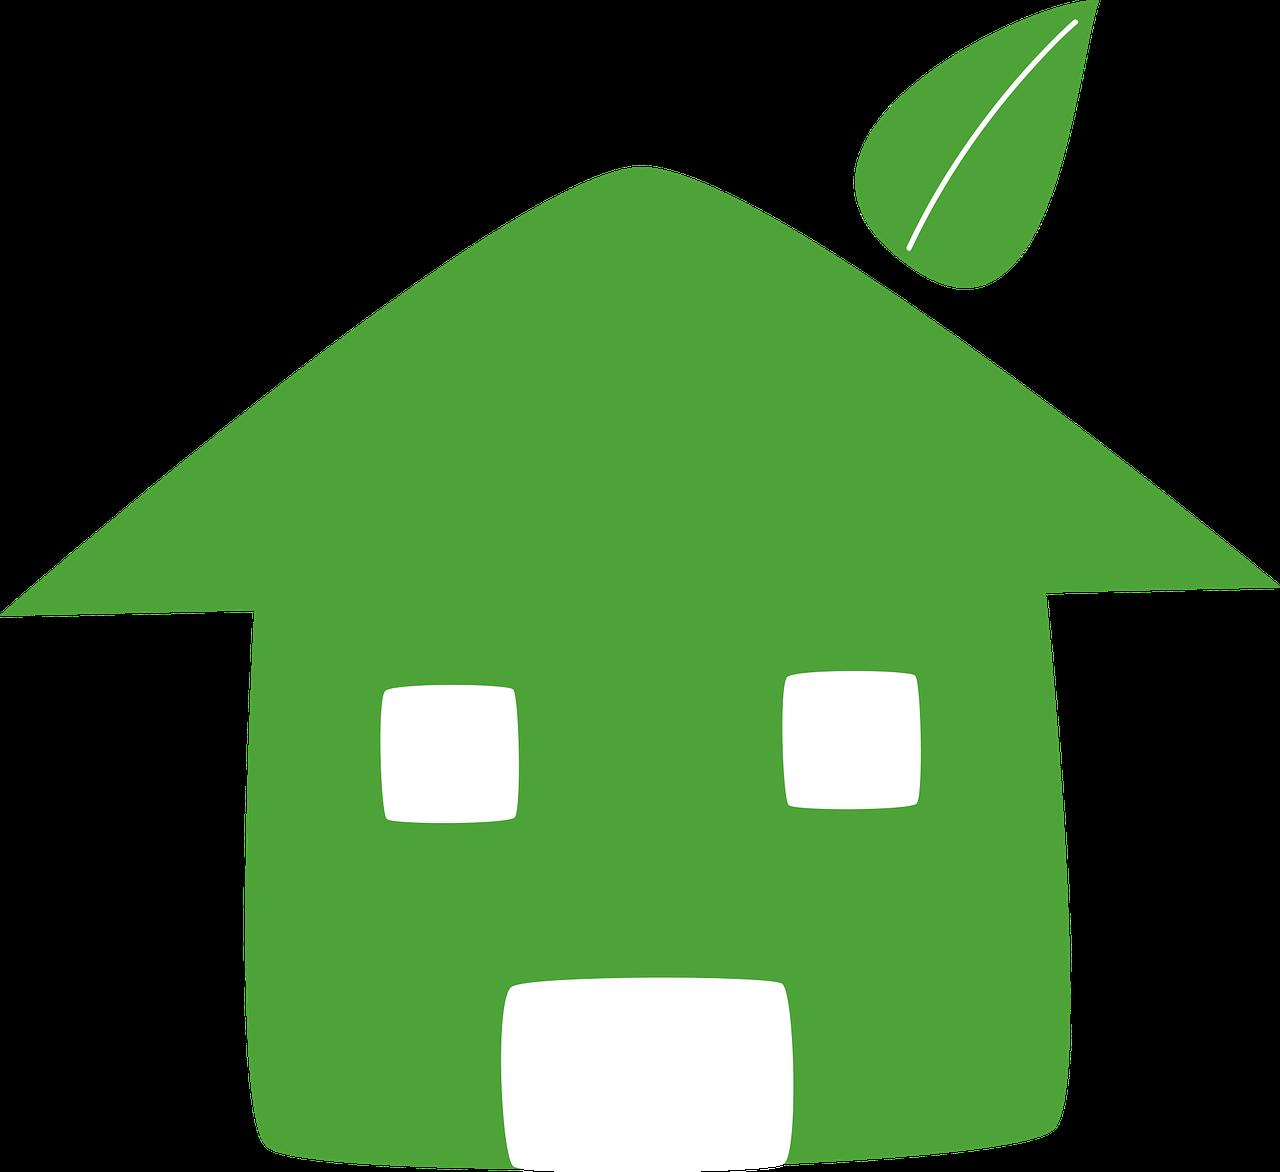 A menor consumo de energía en la vivienda, mejor hipoteca